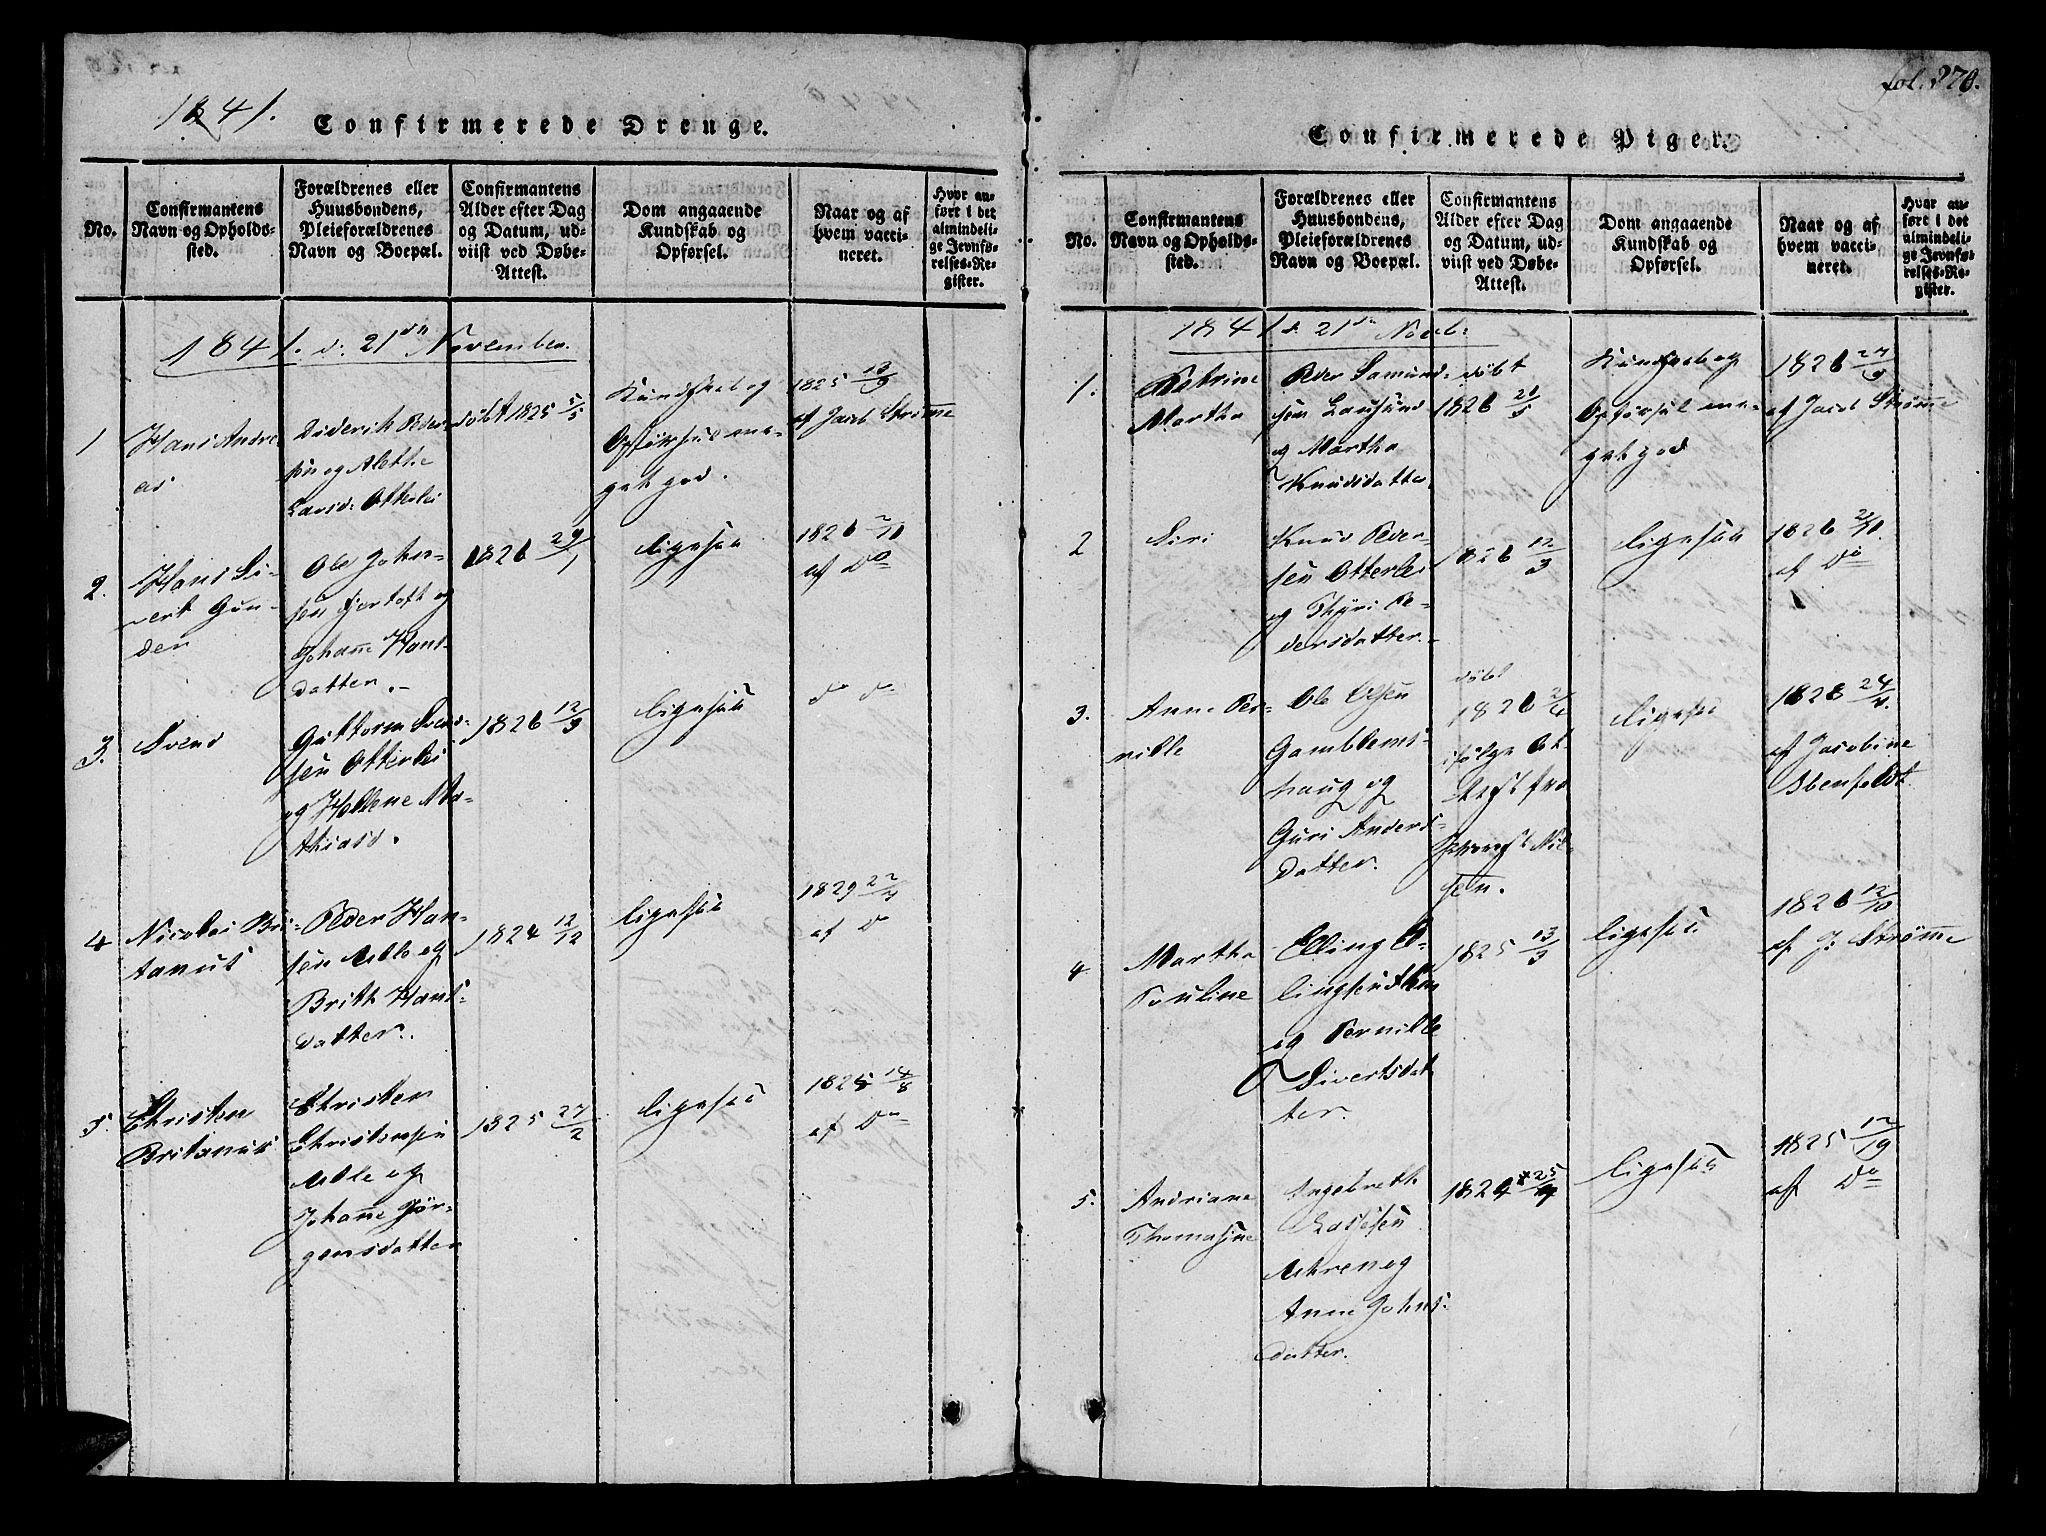 SAT, Ministerialprotokoller, klokkerbøker og fødselsregistre - Møre og Romsdal, 536/L0495: Ministerialbok nr. 536A04, 1818-1847, s. 270